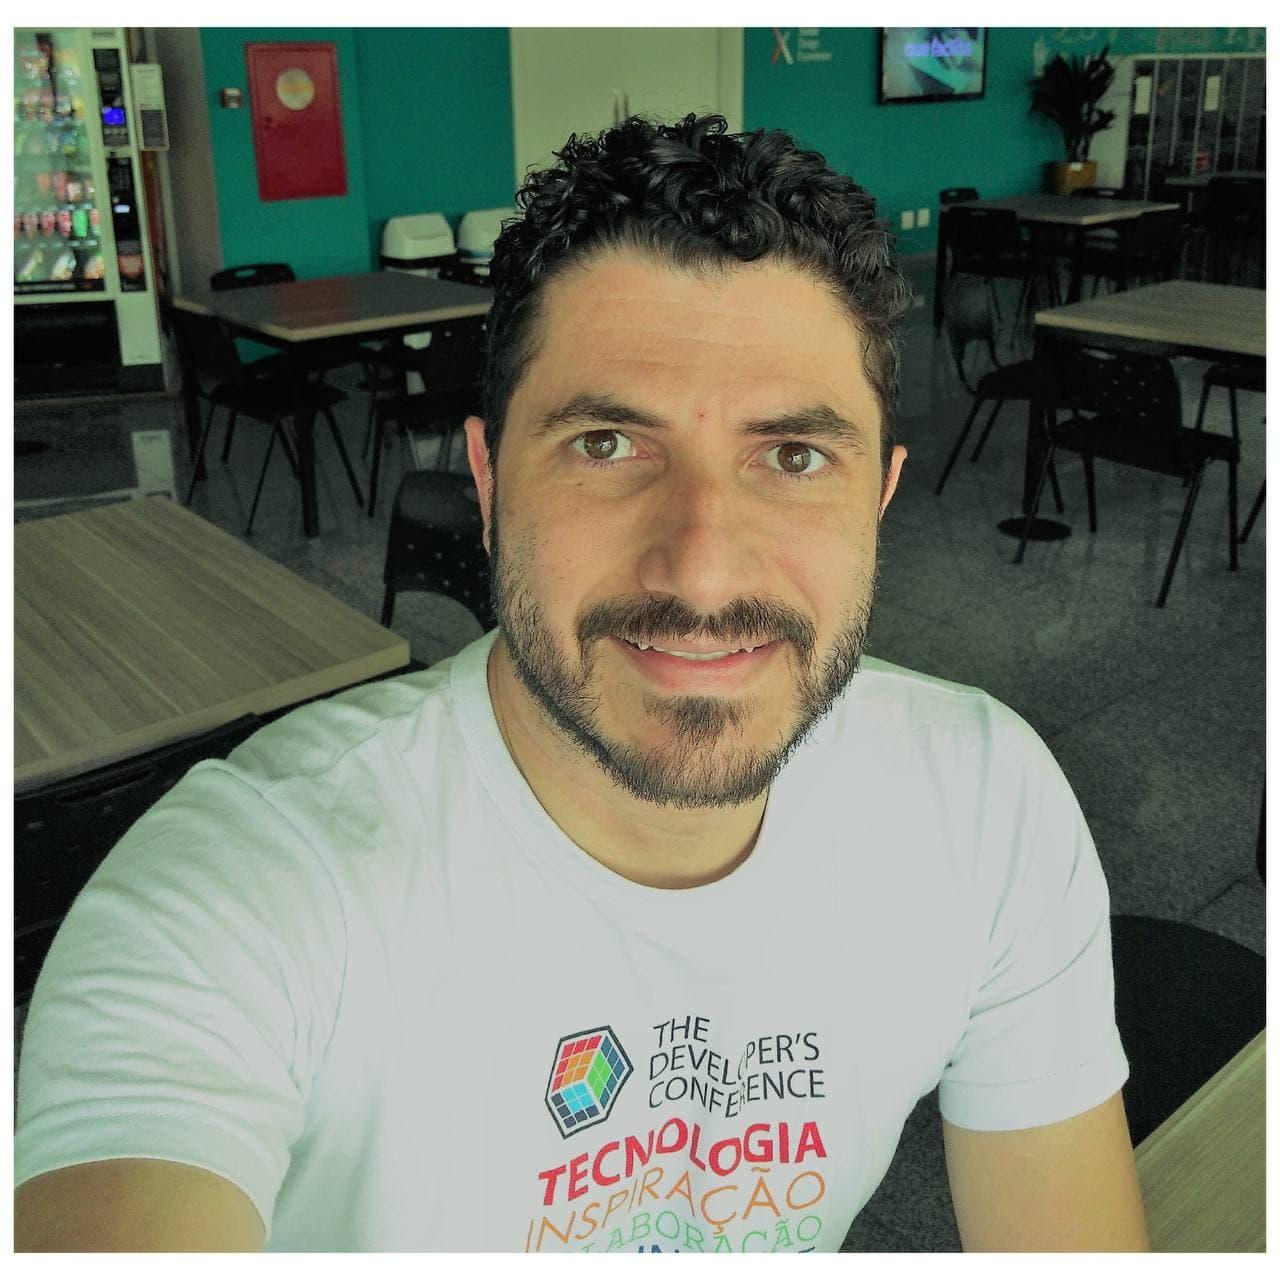 Fabio Jascone